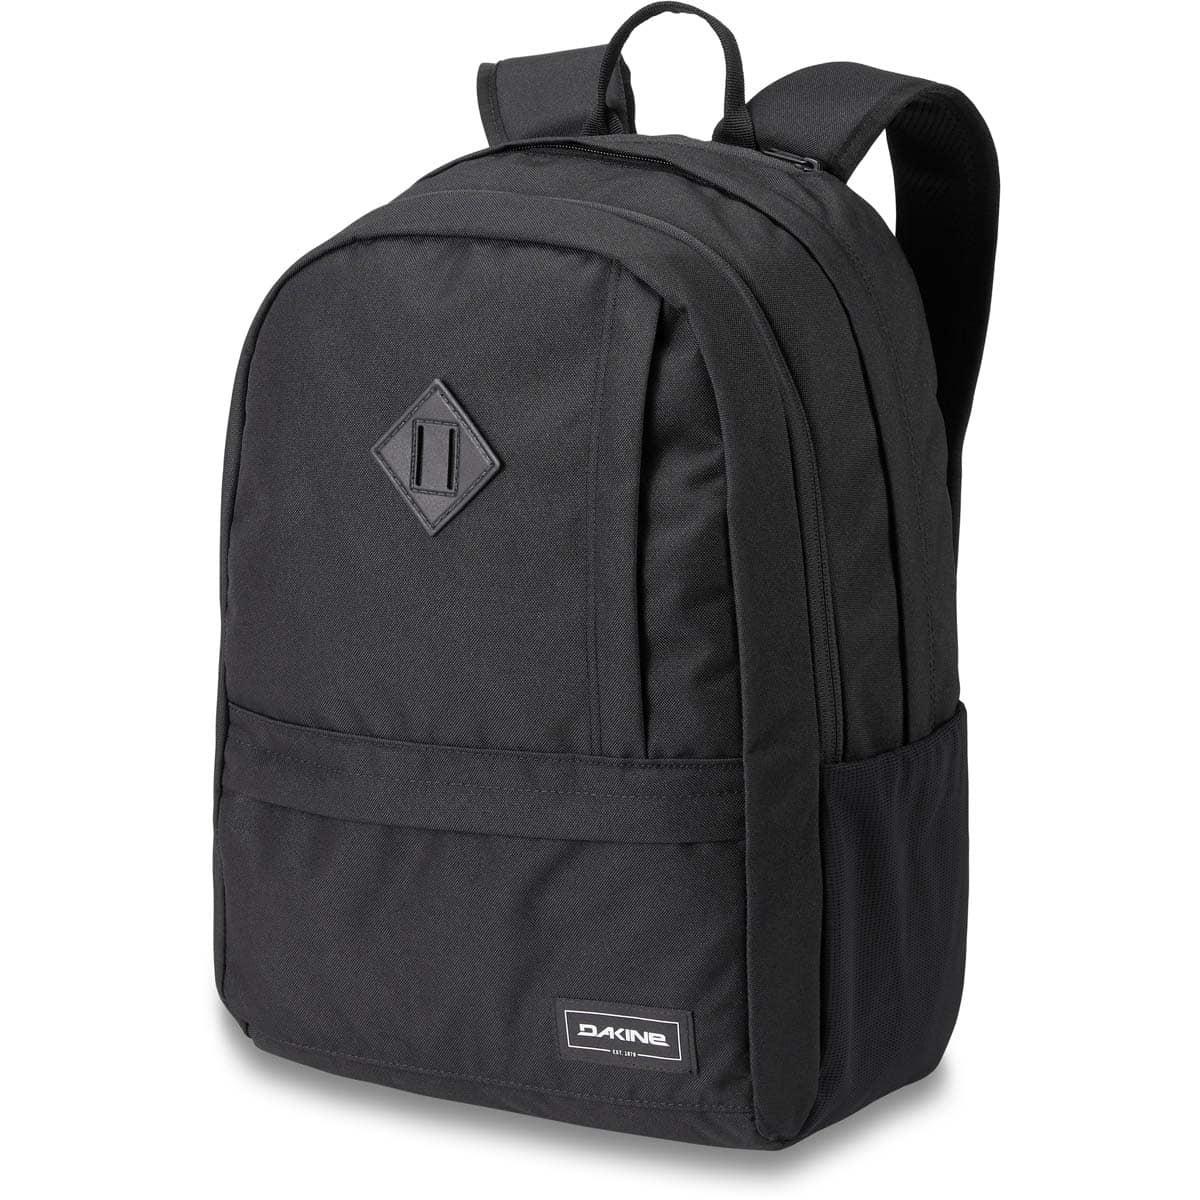 Rugtas Essentials Pack 22L Black